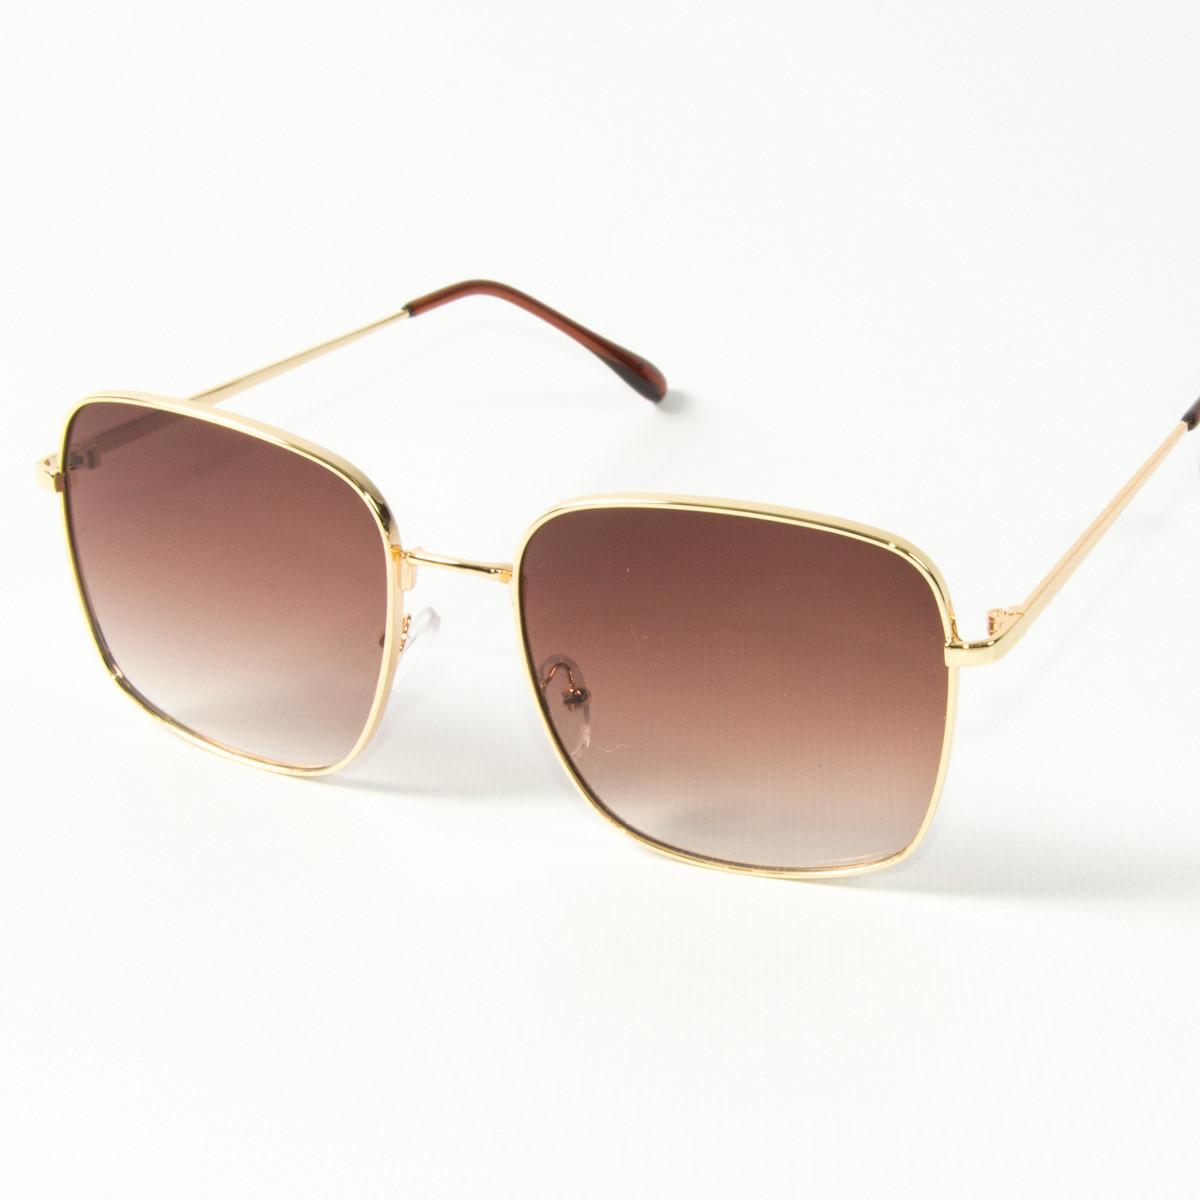 Оптом квадратные  солнцезащитные очки (арт. 80-661/4) темно-коричневые